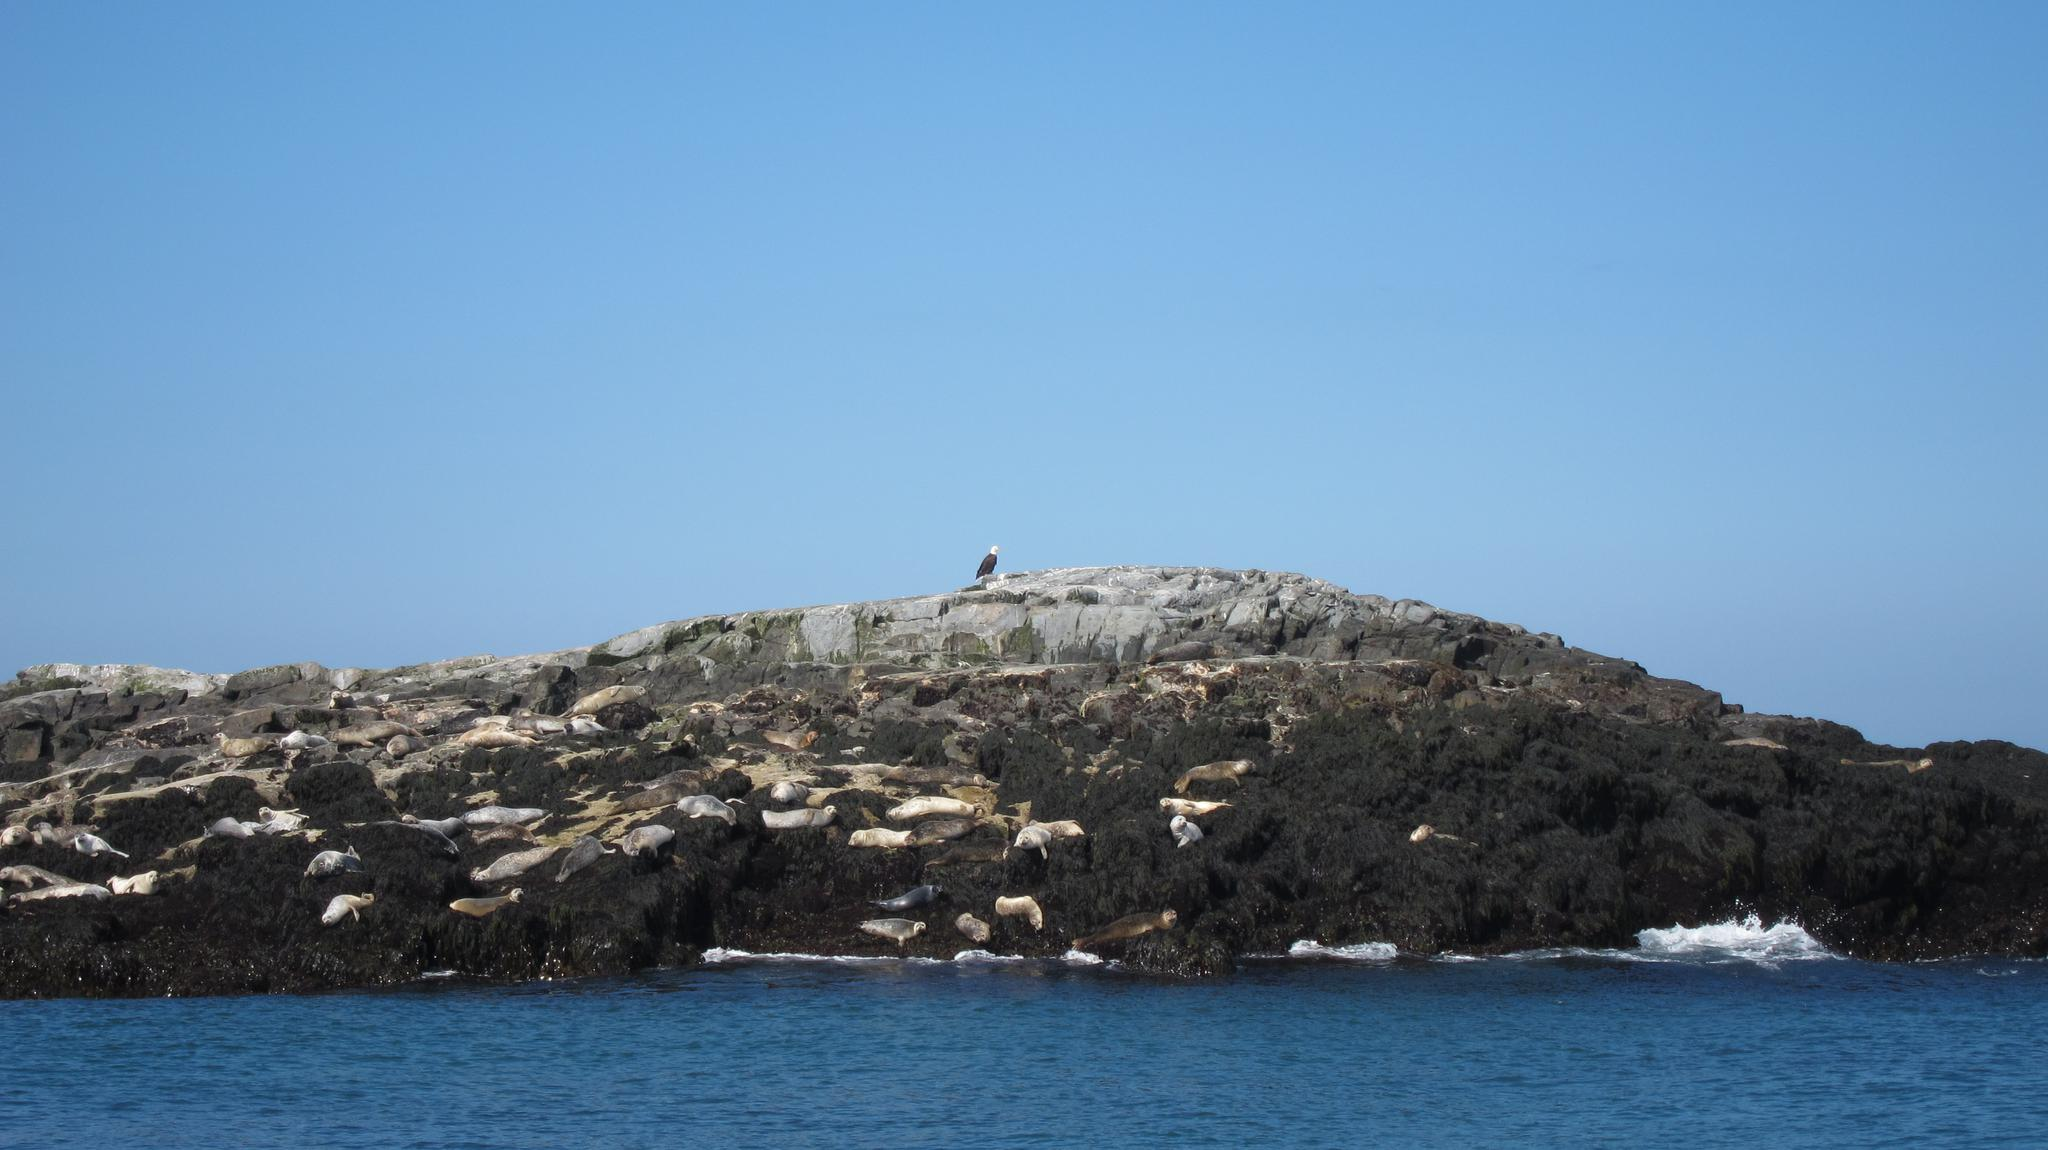 北岩岛上啥也没有,只有一群鸟